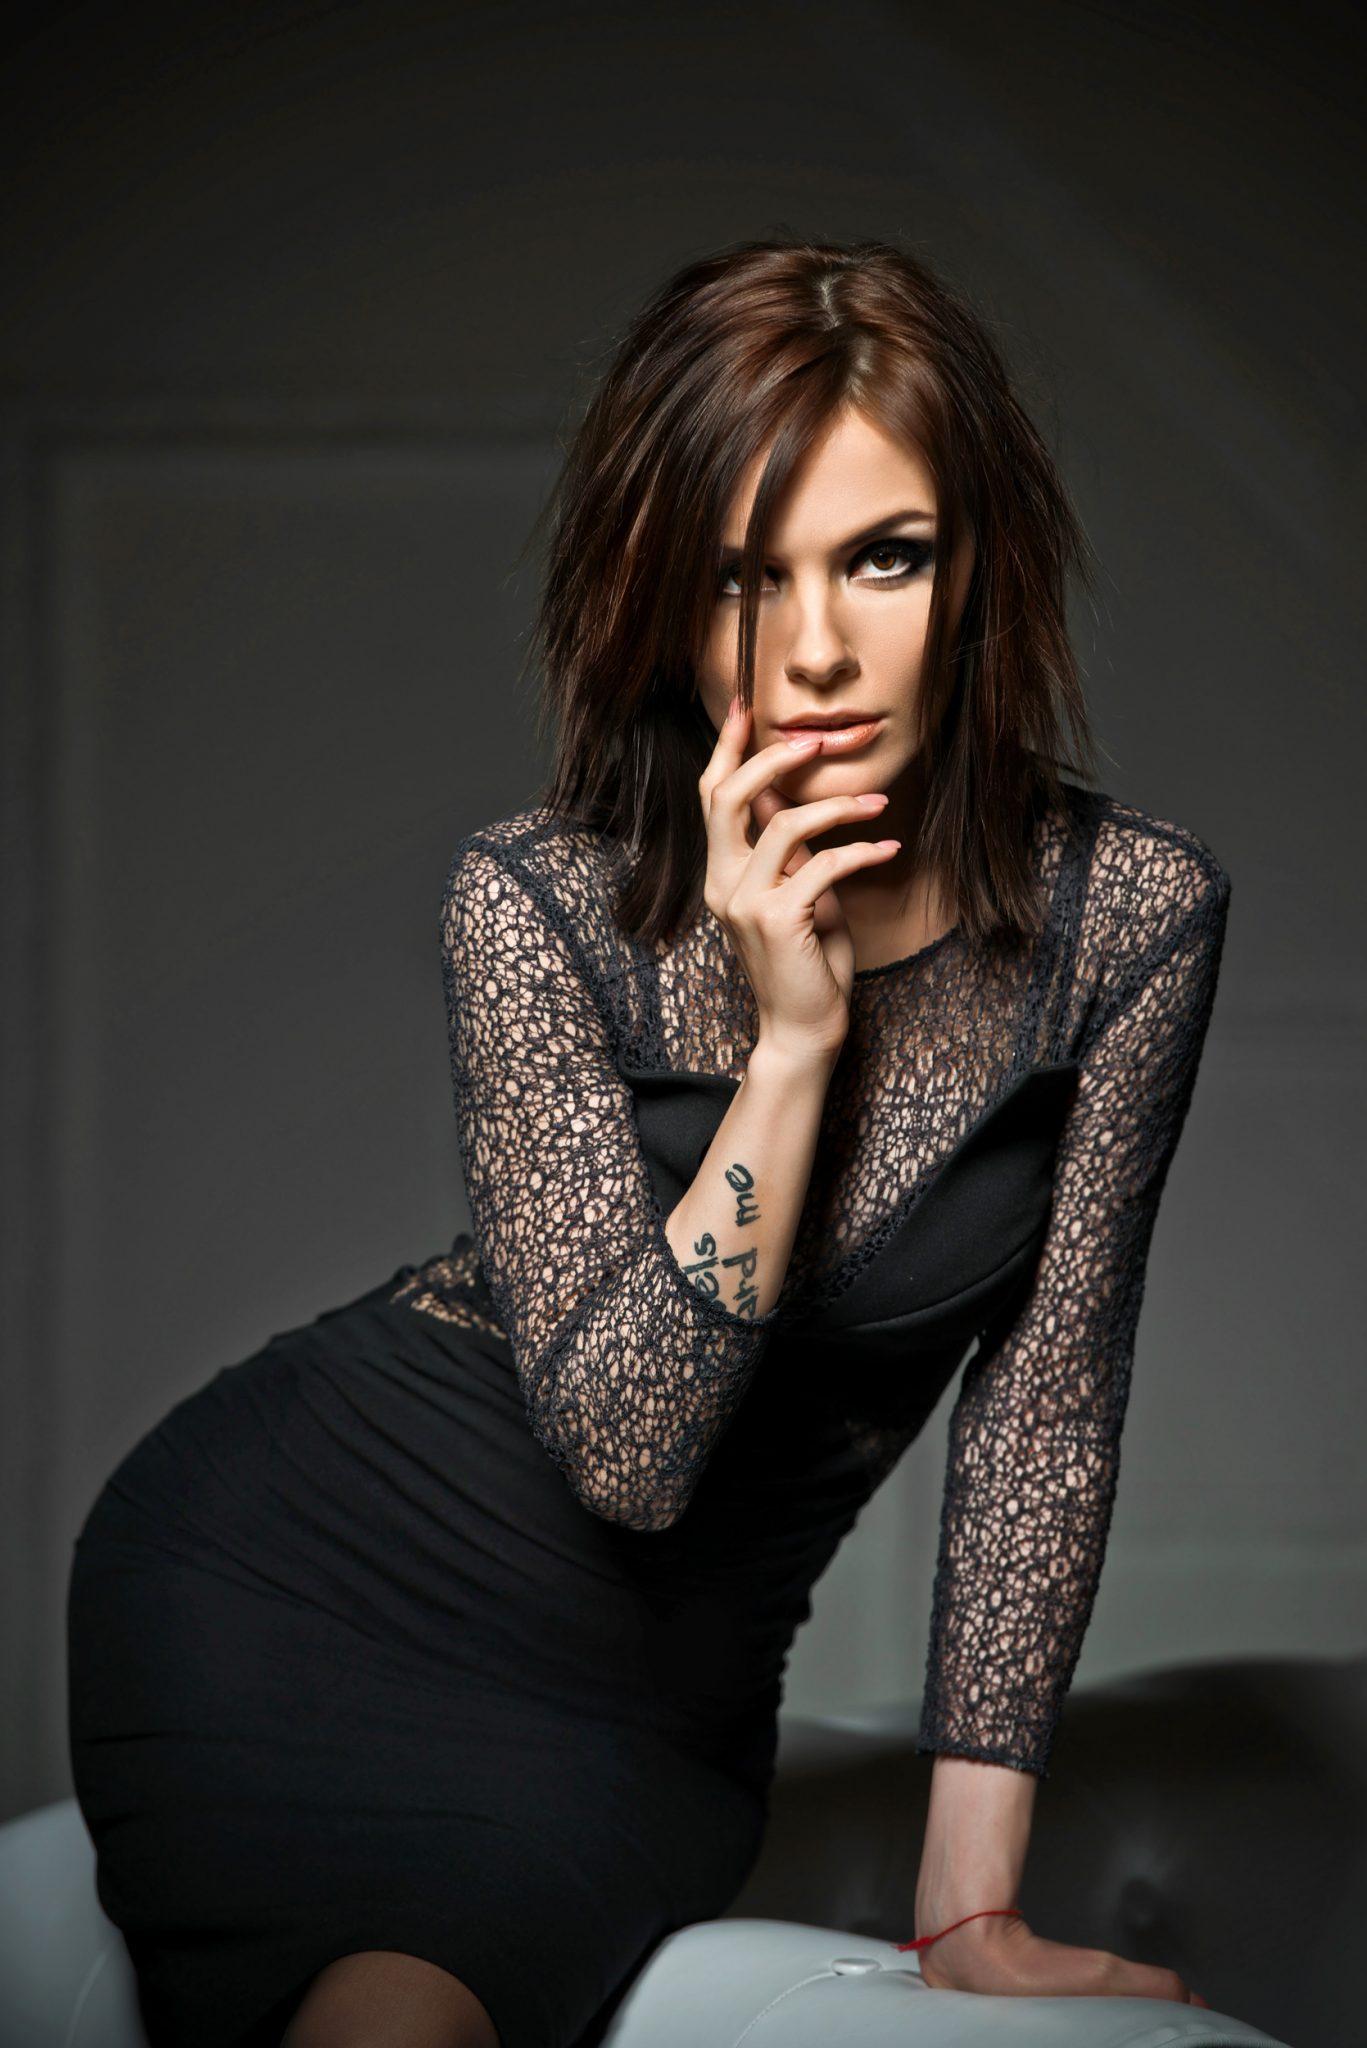 Фотосессия Премиум певица Эрика в черном сетчатом платье